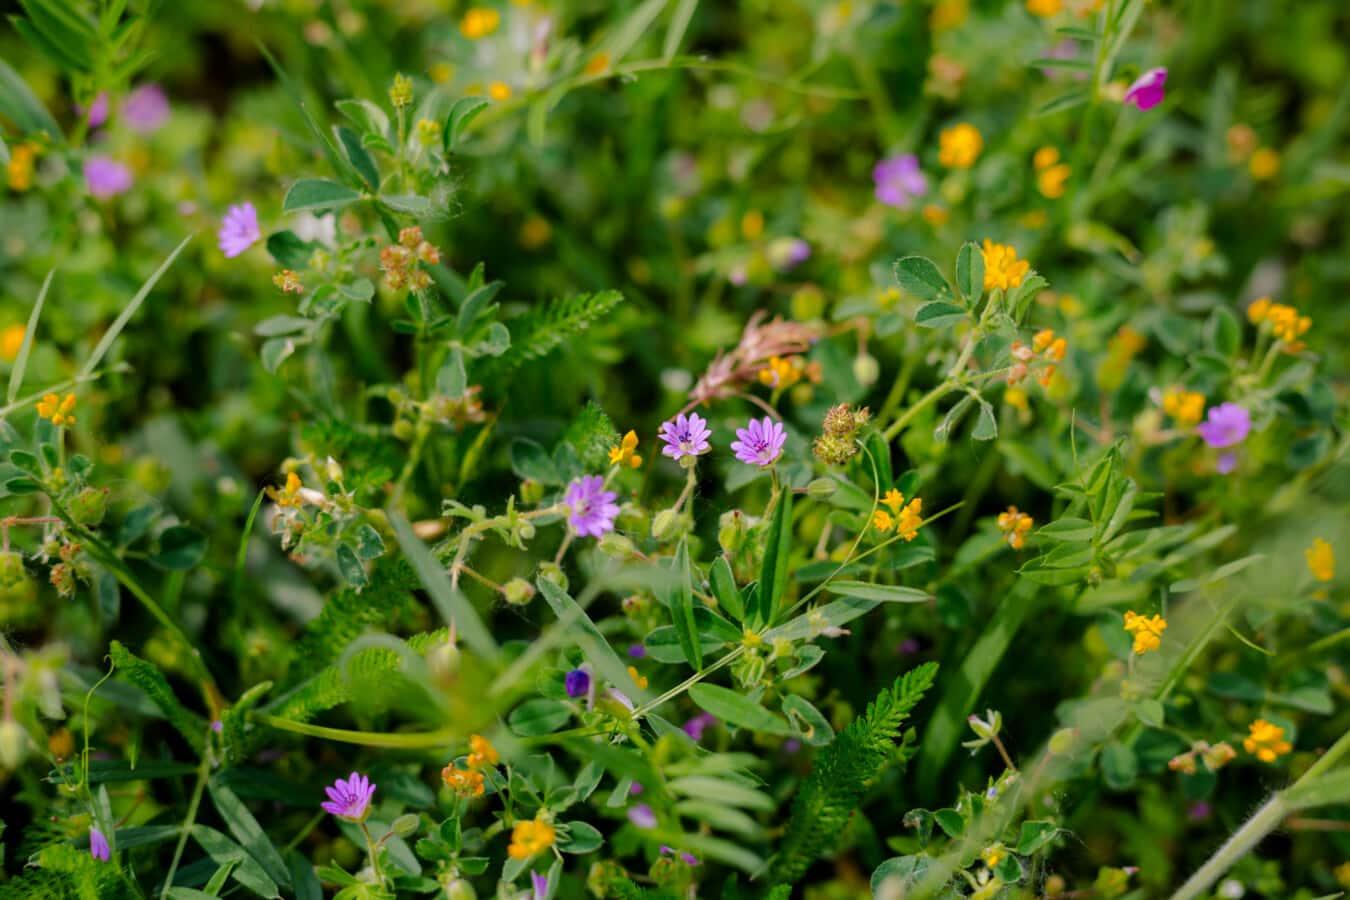 Wildblumen, grasbewachsenen, aus nächster Nähe, Natur, Blume, Feld, Anlage, Blatt, Sommer, Flora